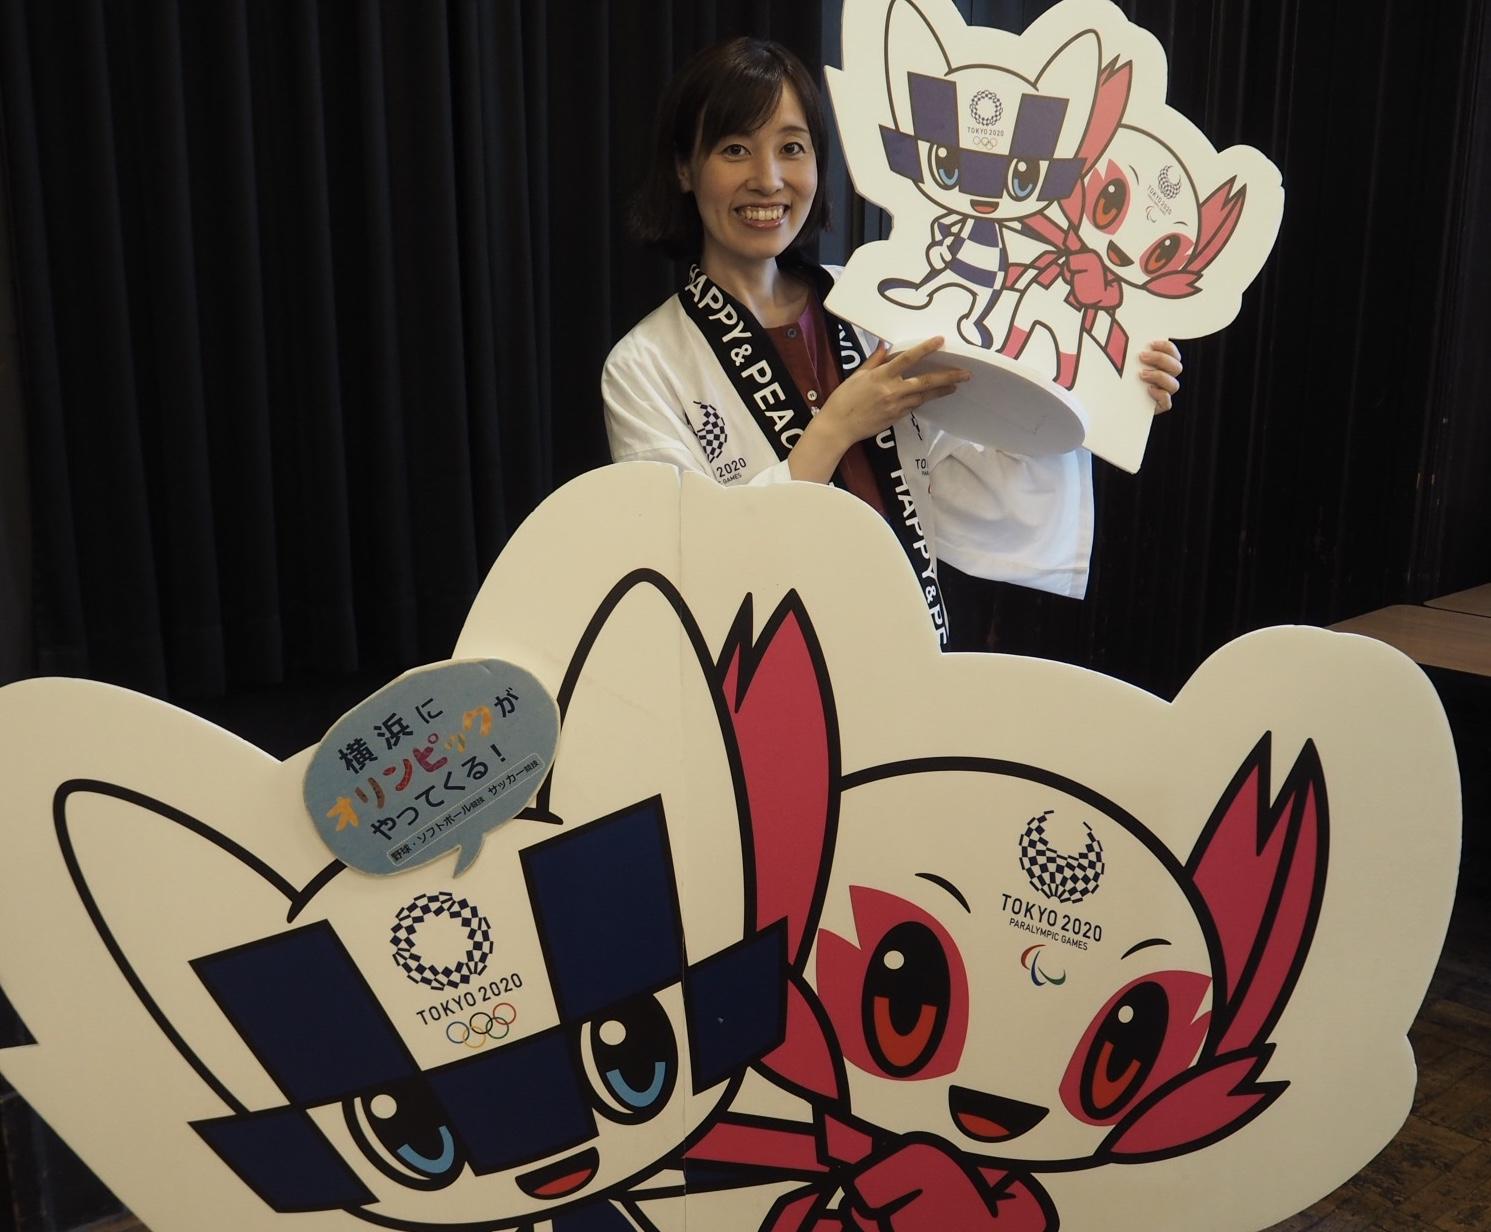 【東京オリンピック】チケット抽選発表日!→横浜市のボランティアに挑戦☆